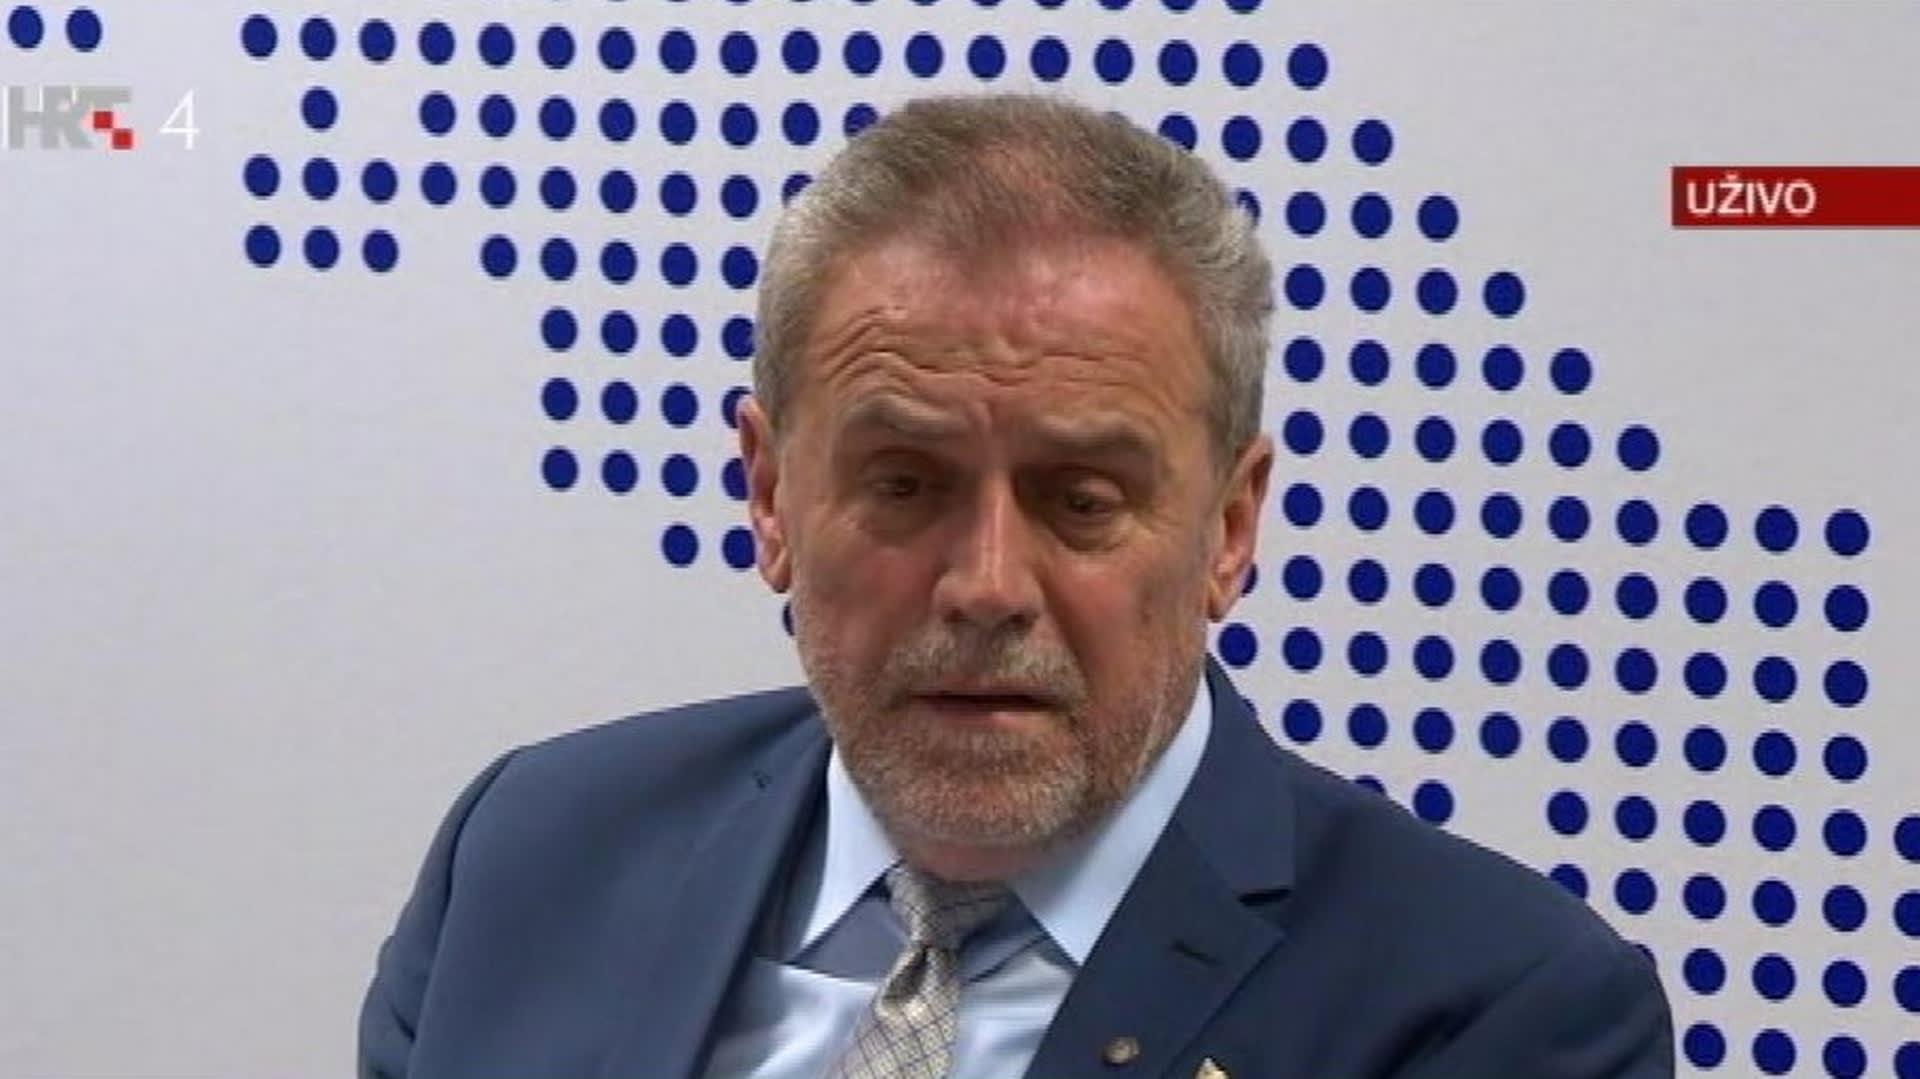 Milan Bandić alcalde de Zagreb. (Foto HRT.hr)